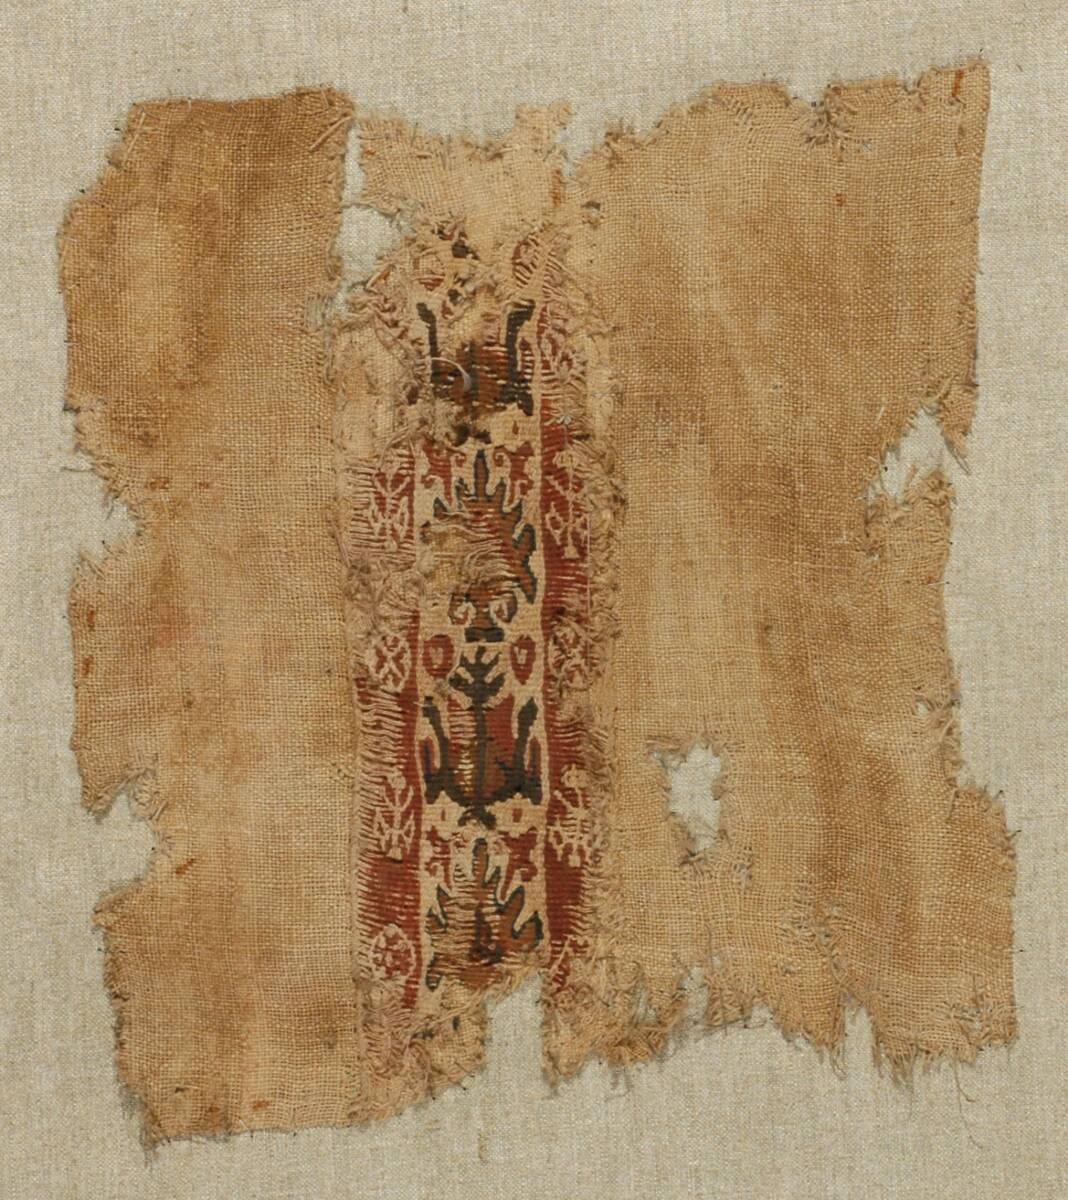 Gewebe mit Zierstreifen; Dekor aus stilisierten Pflanzenmotiven und Herzformen (deskriptiver Titel) von Anonym